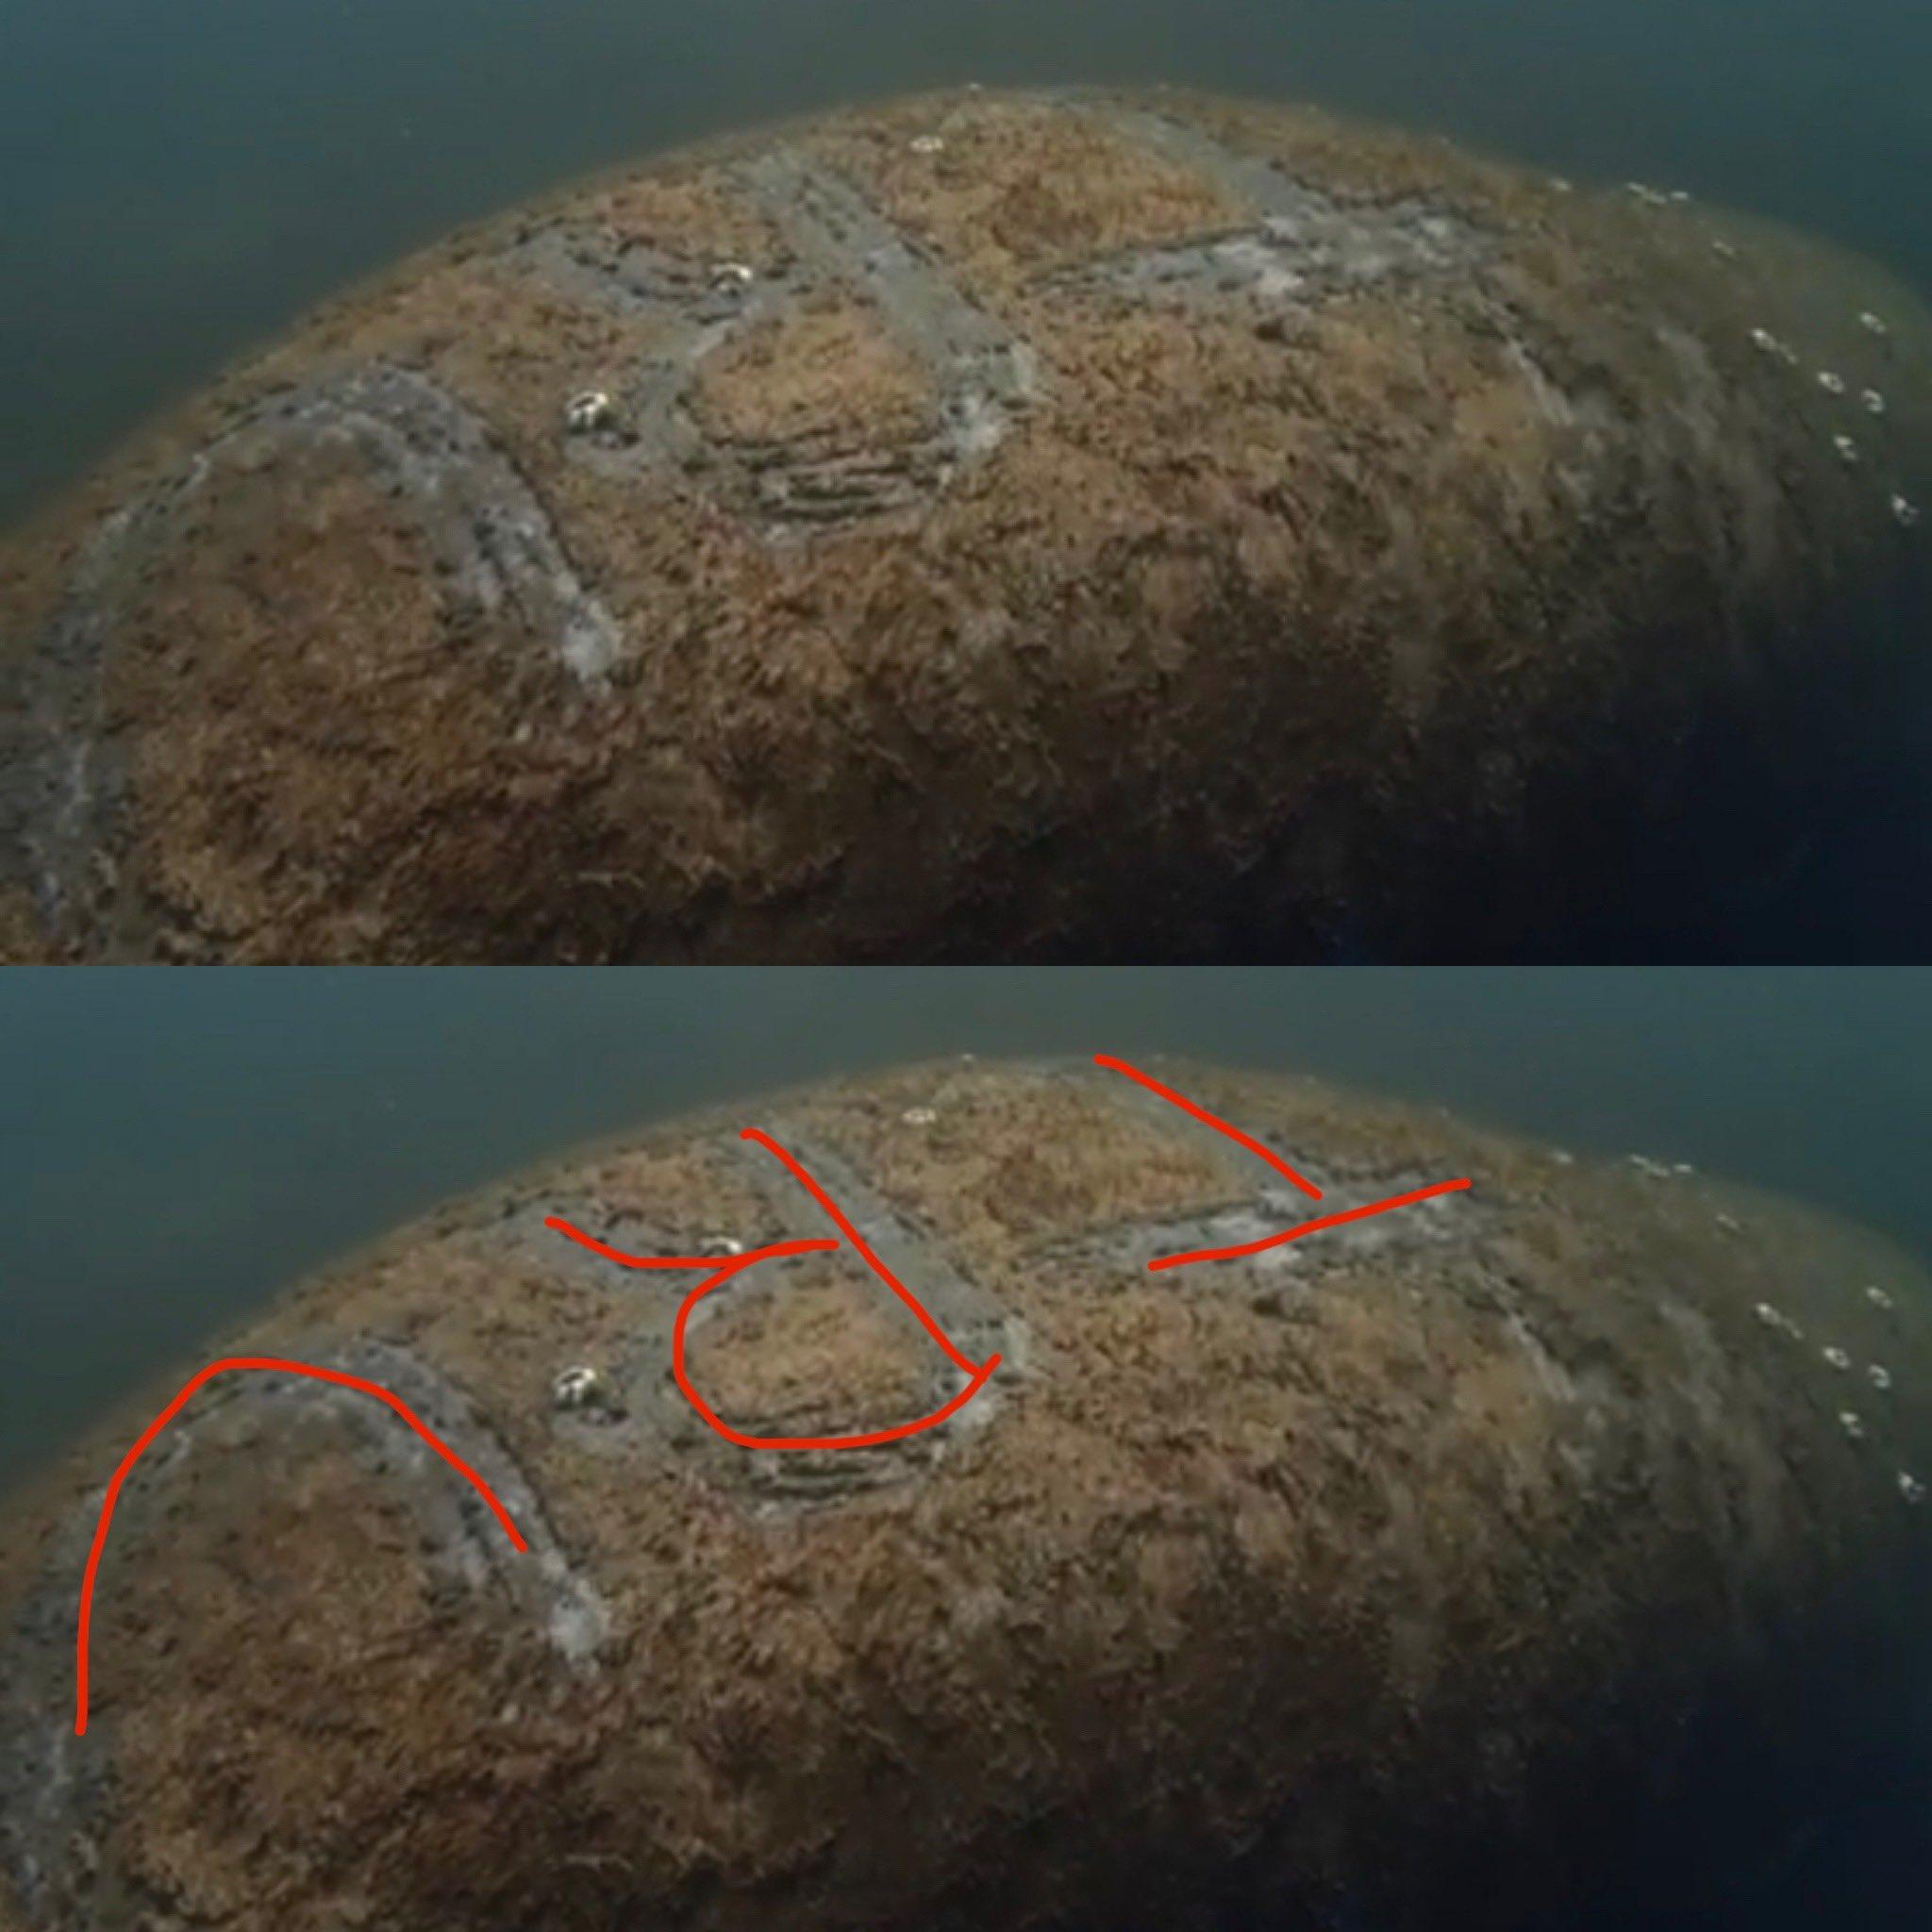 Peixe-boi encontrado com 'TRUMP' gravado em suas costas provoca investigação federal